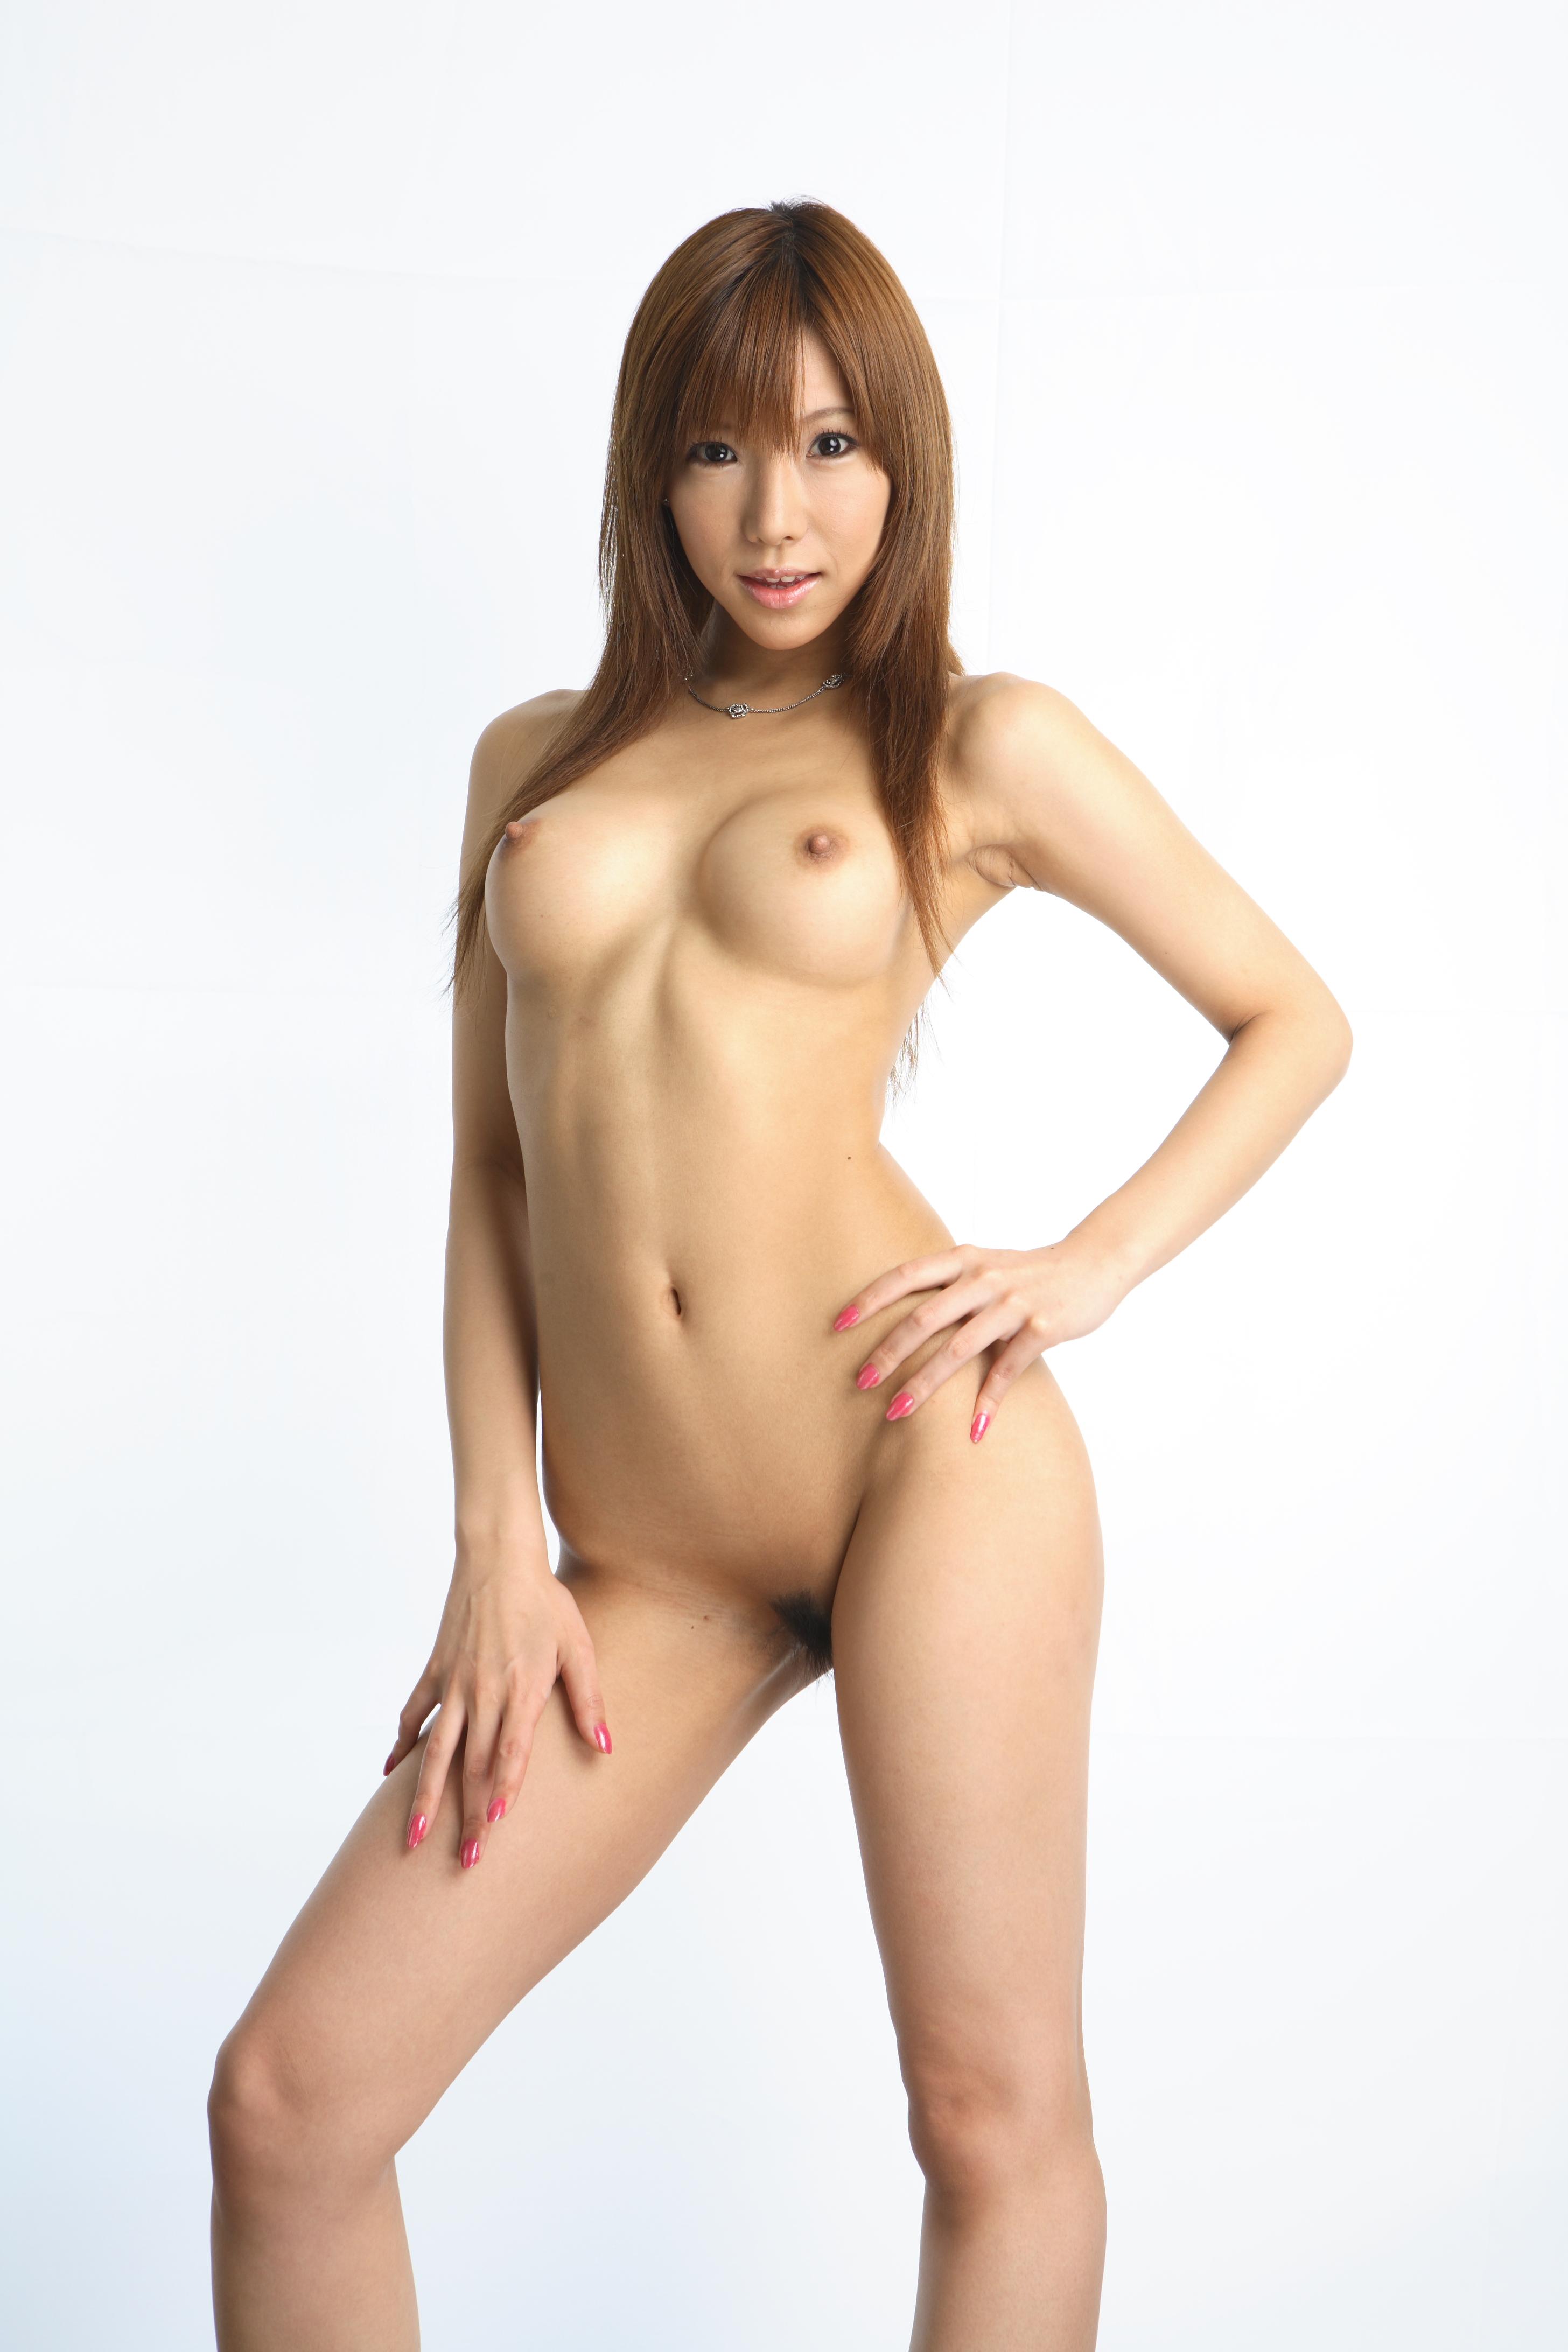 スカイエンジェル Vol.60 無修正画像01